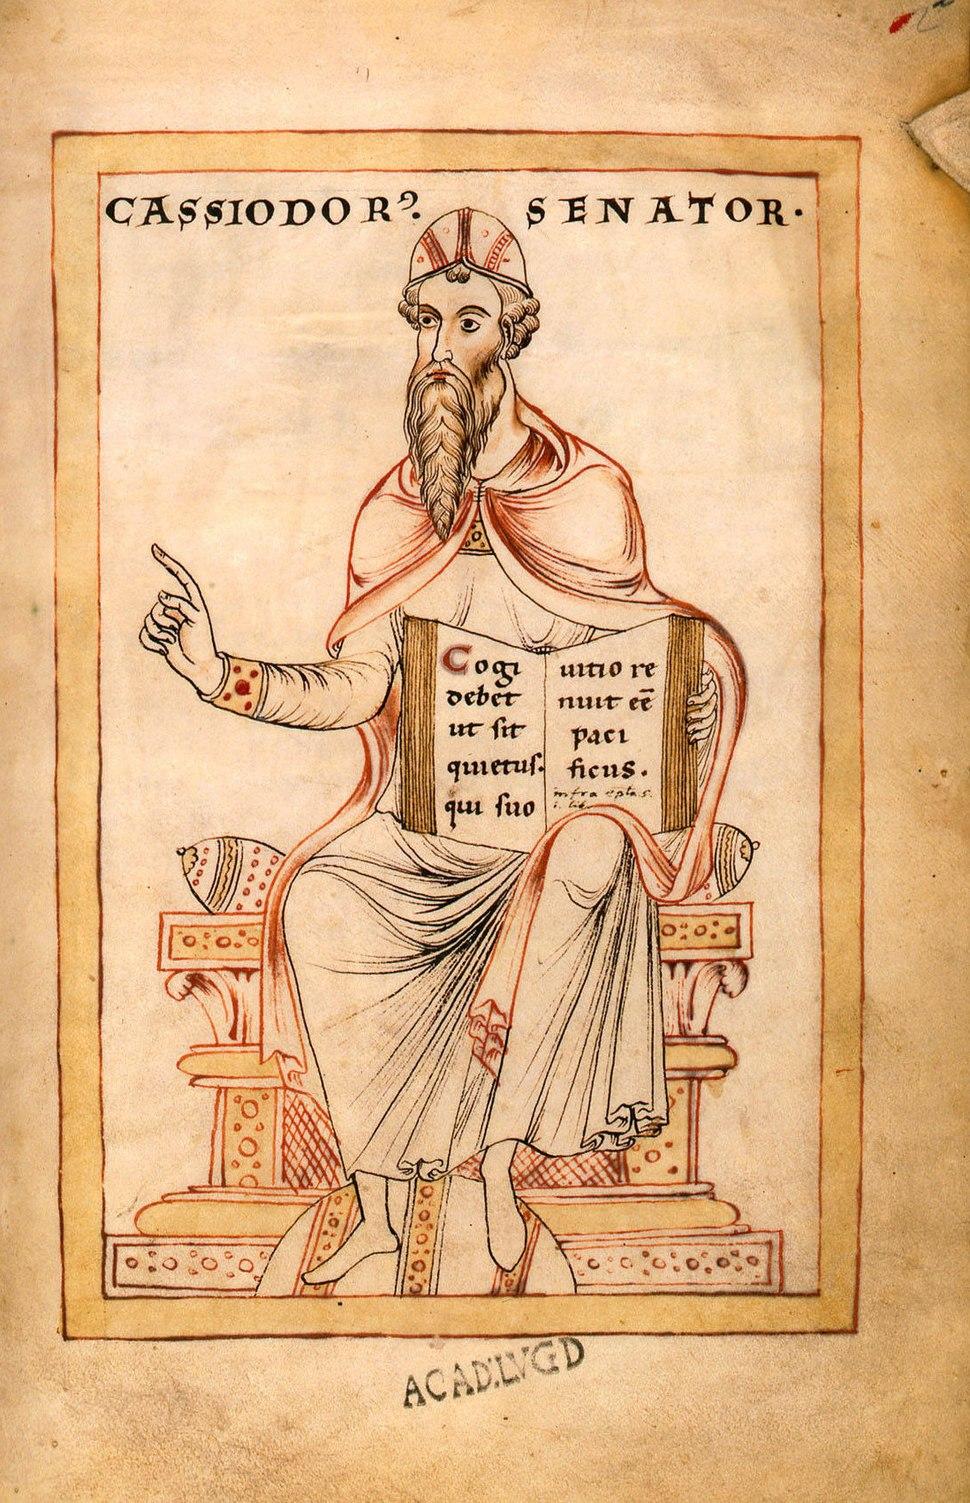 Gesta Theodorici - Flavius Magnus Aurelius Cassiodorus (c 485 - c 580)